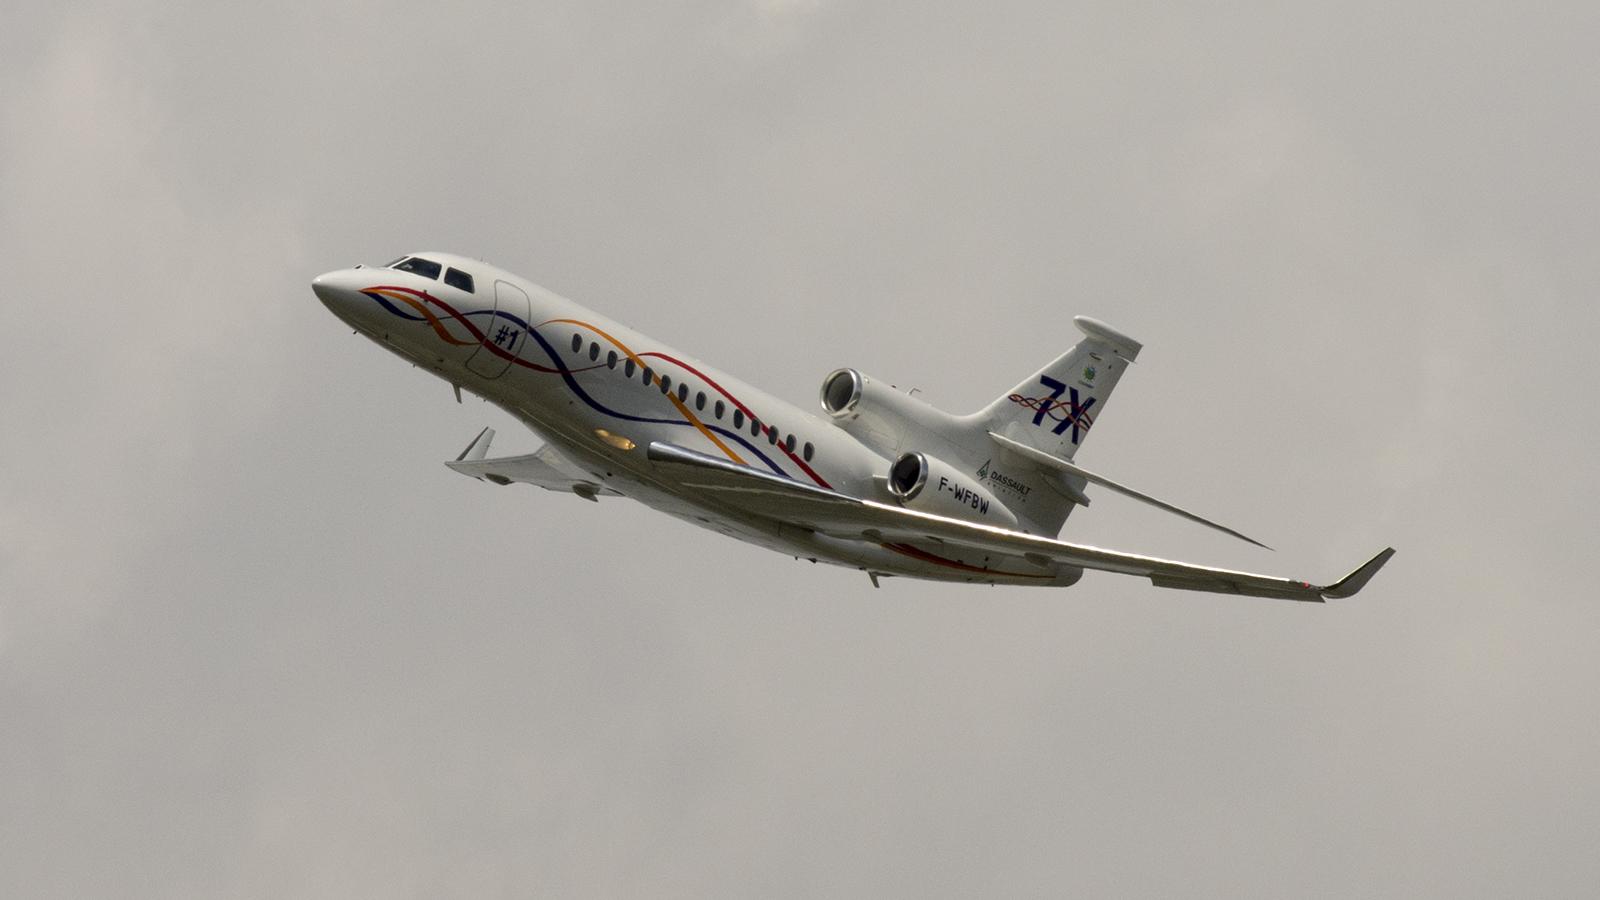 Dassault Falcon 7X F-WFBW Dassault